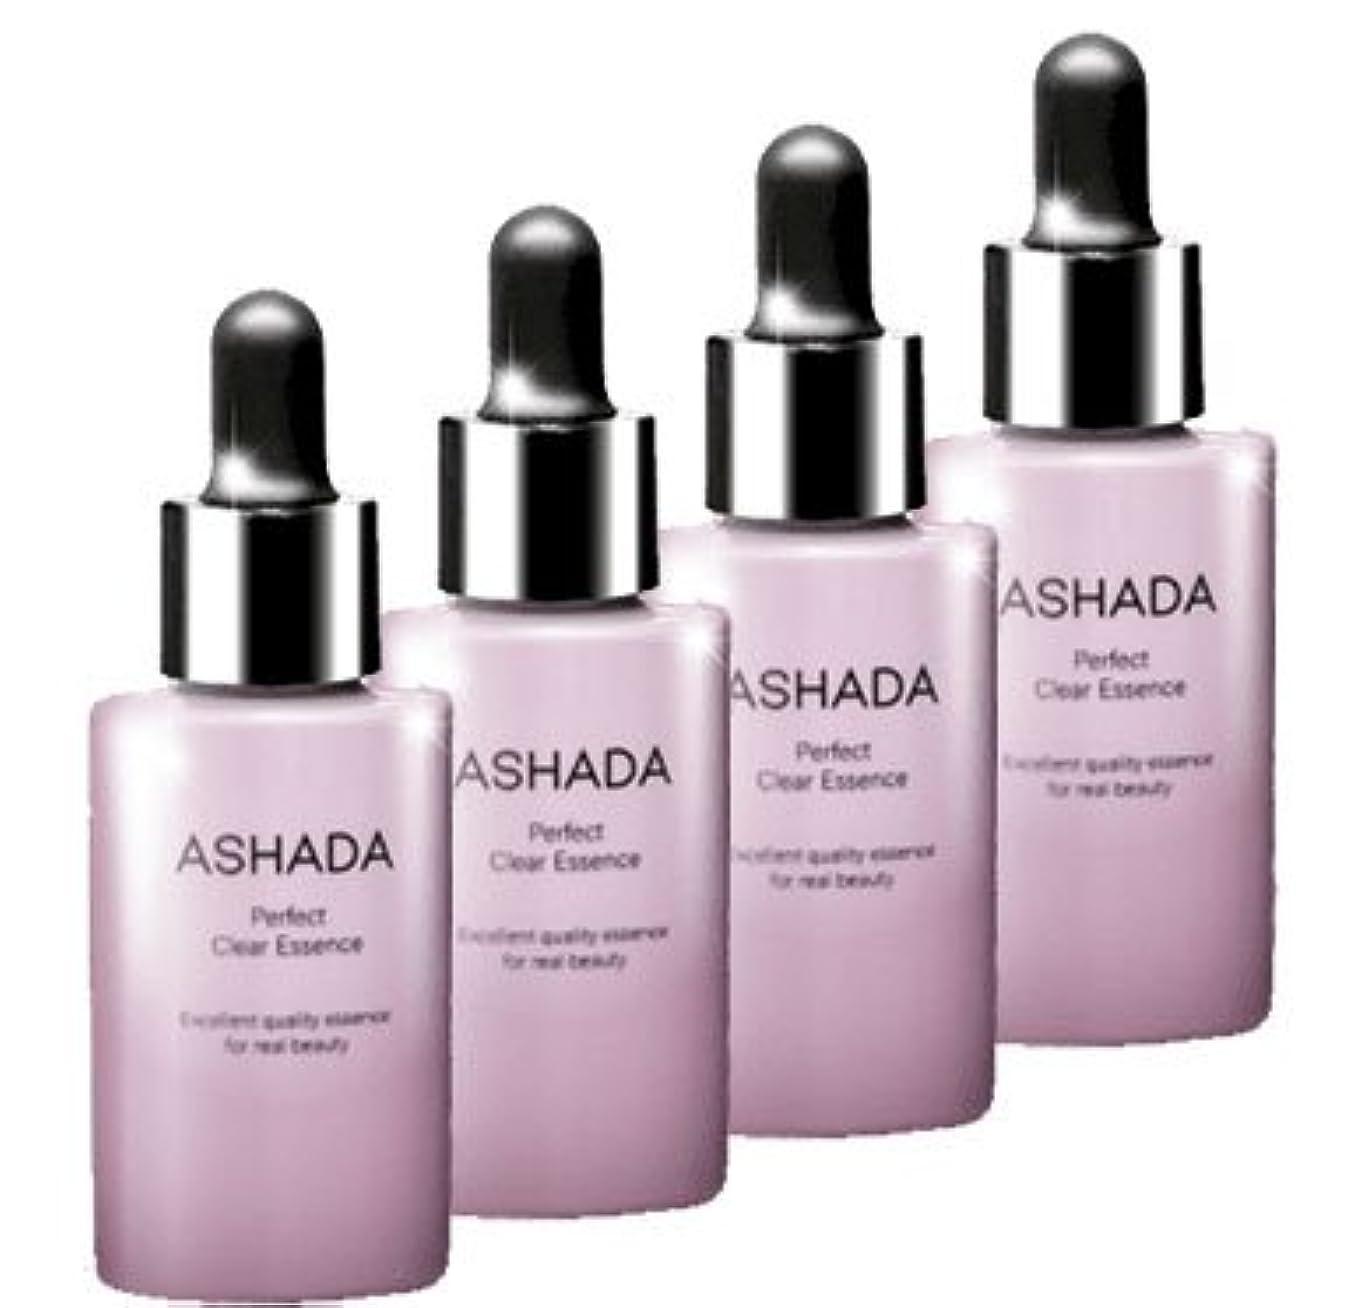 貸す熟練した姓ASHADA-アスハダ- パーフェクトクリアエッセンス (GDF-11 配合 幹細胞 コスメ)【4個セット】